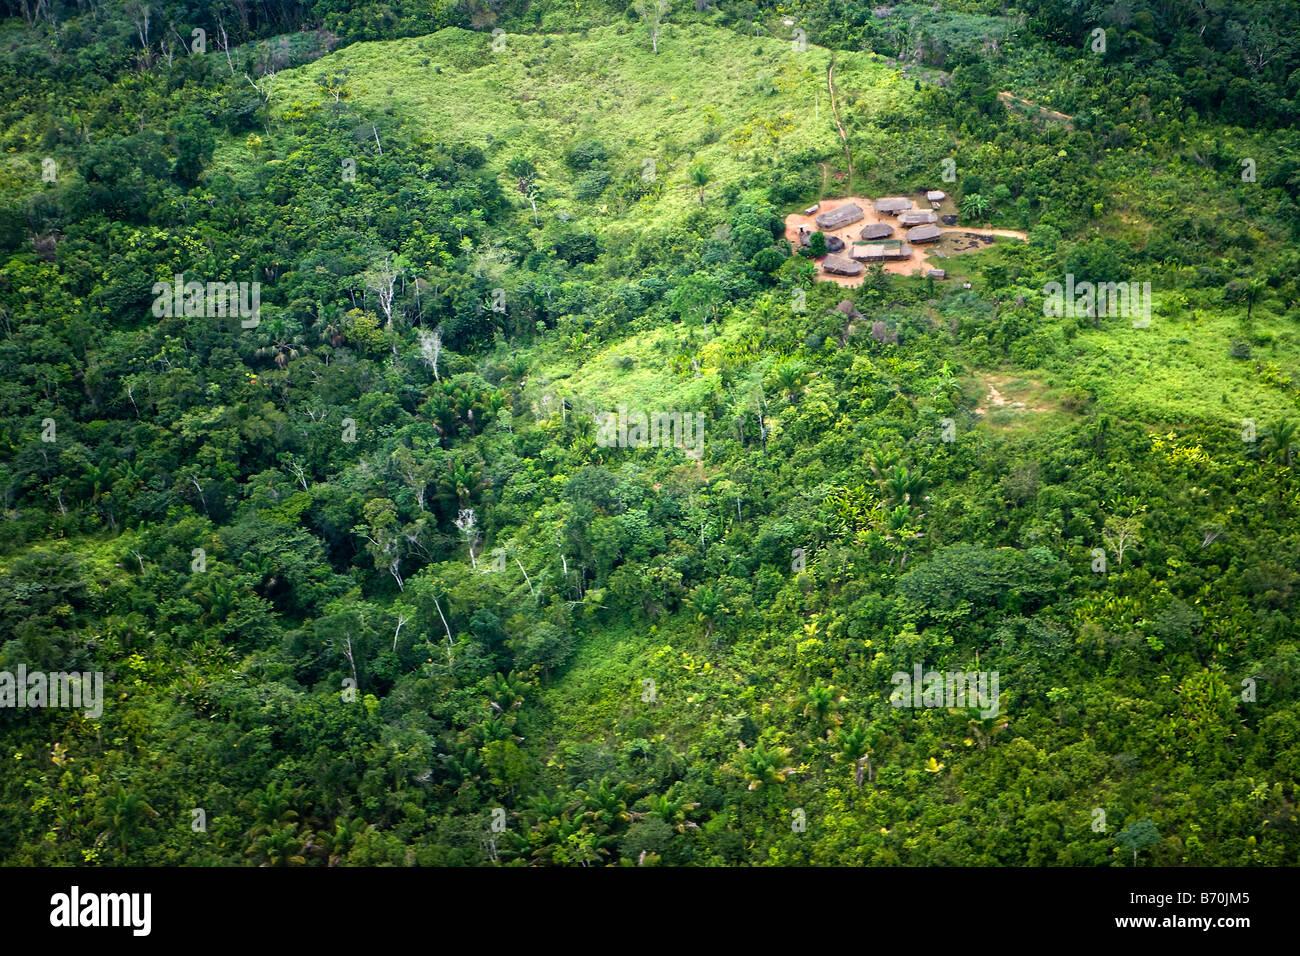 Suriname, Kwamalasamutu, hogar de los indígenas. Vista aérea de algunas cabañas en las afueras de Imagen De Stock